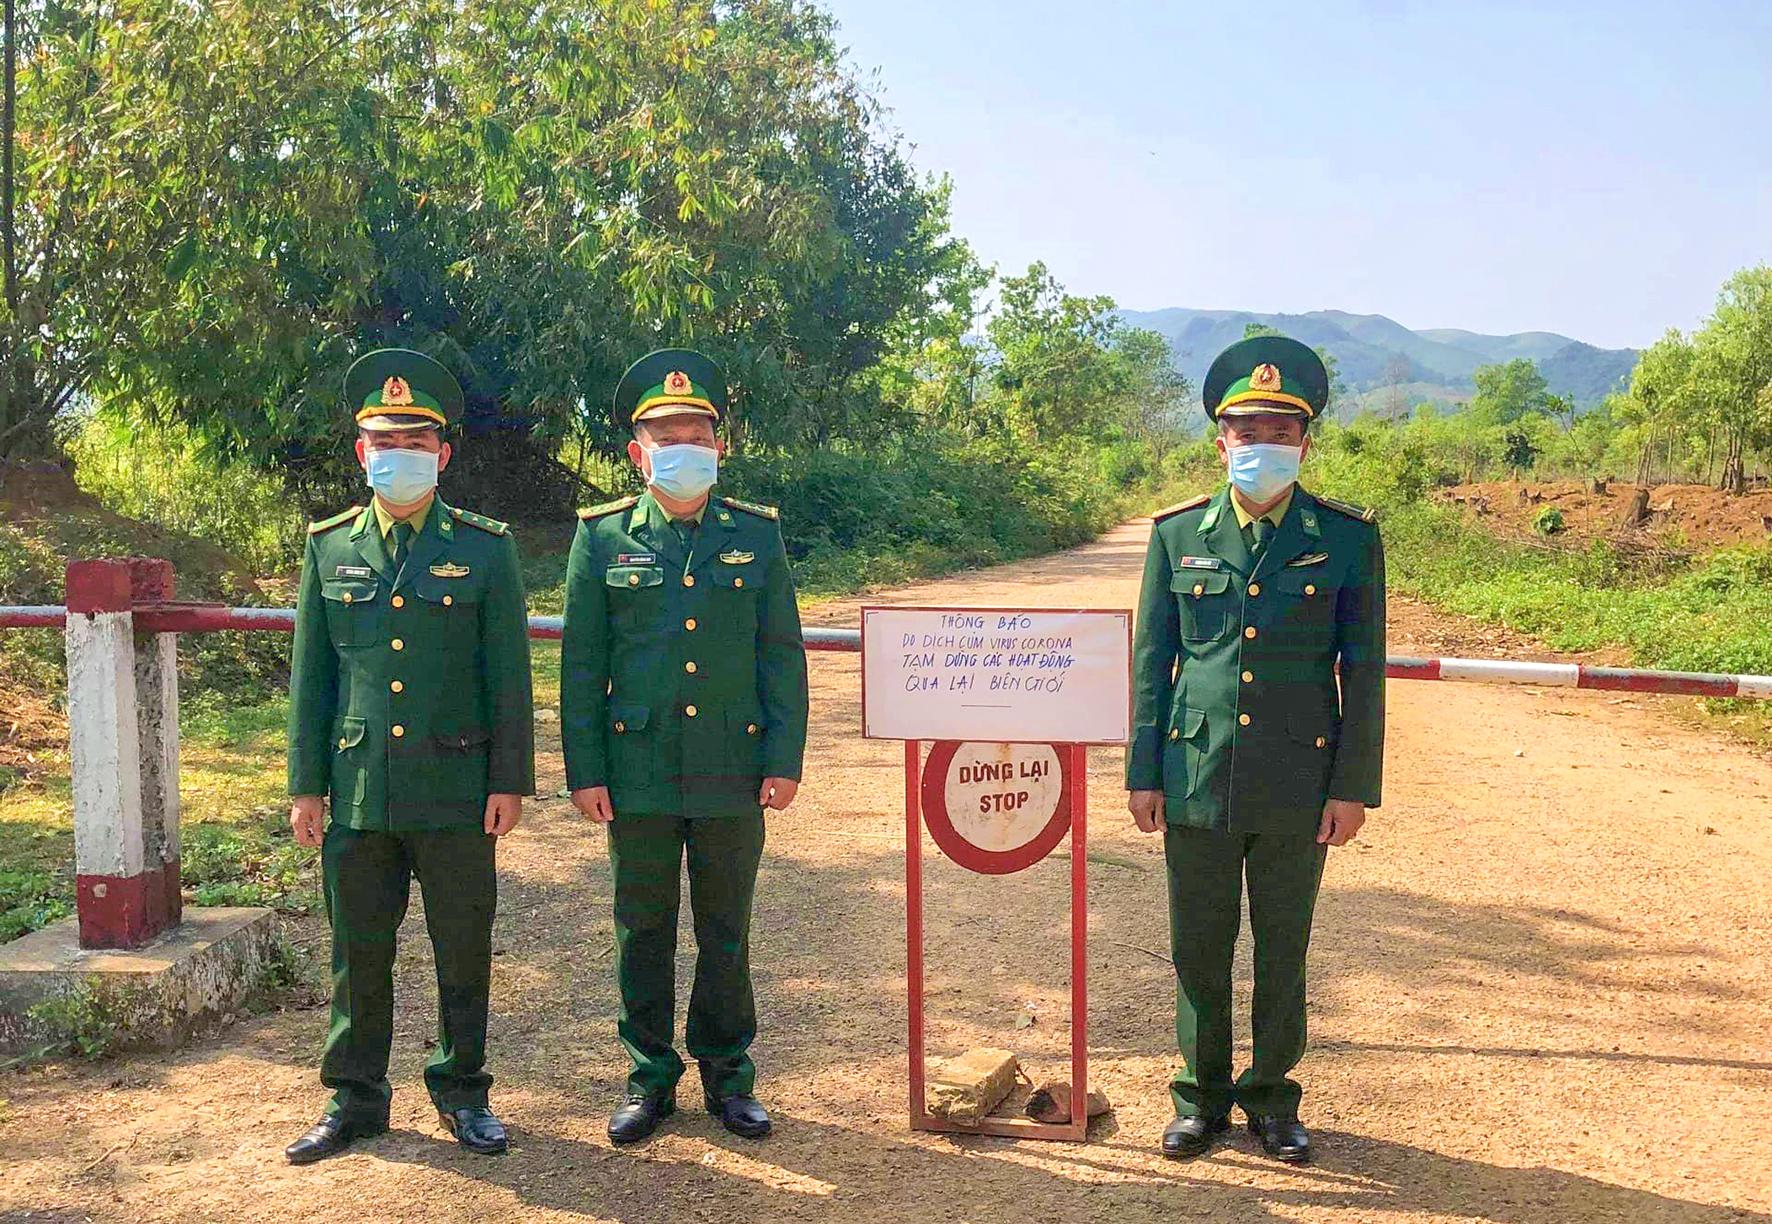 Biên phòng Quảng Trị tạm đóng 4 cửa khẩu phụ dọc tuyến biên giới Việt - Lào